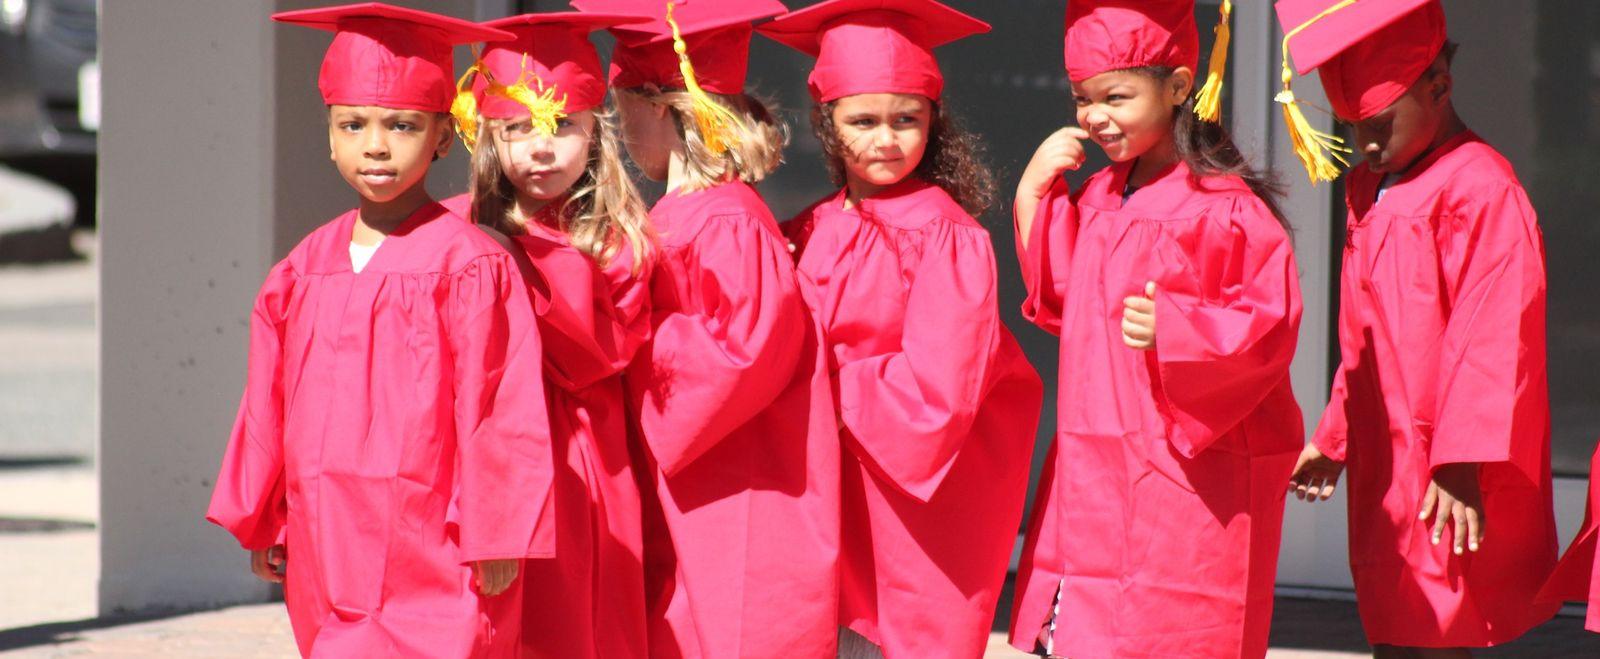 Preschoolers graduate from preschool.